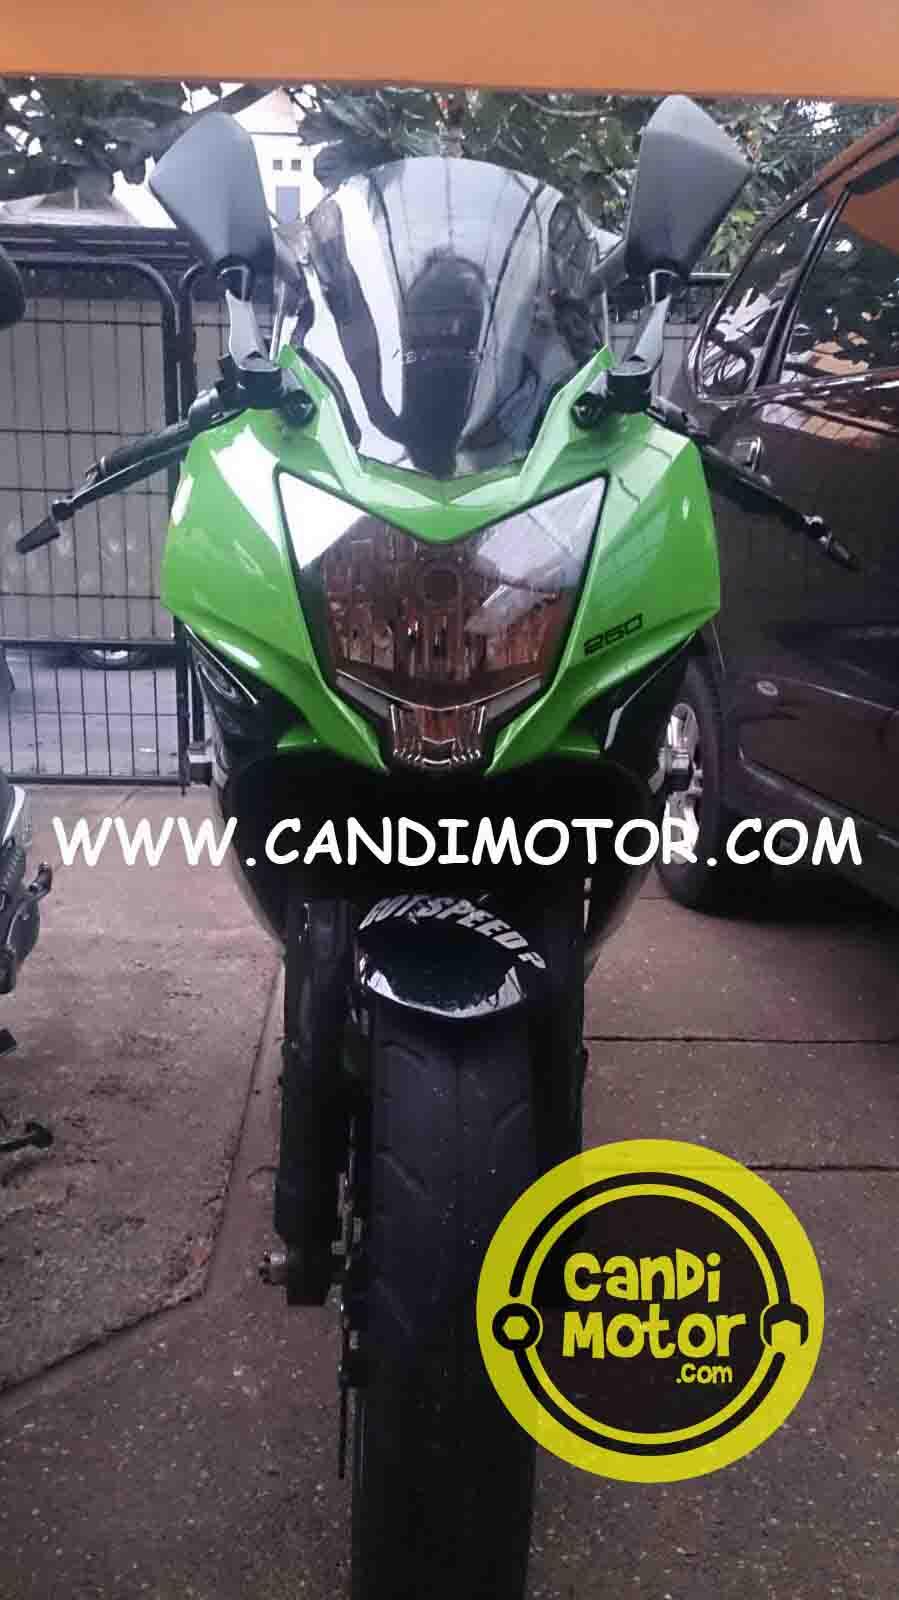 Windshield visor ninja 250 sl rr mono generic candi motor · « Kembali ke halaman produk | Download gambar produk »